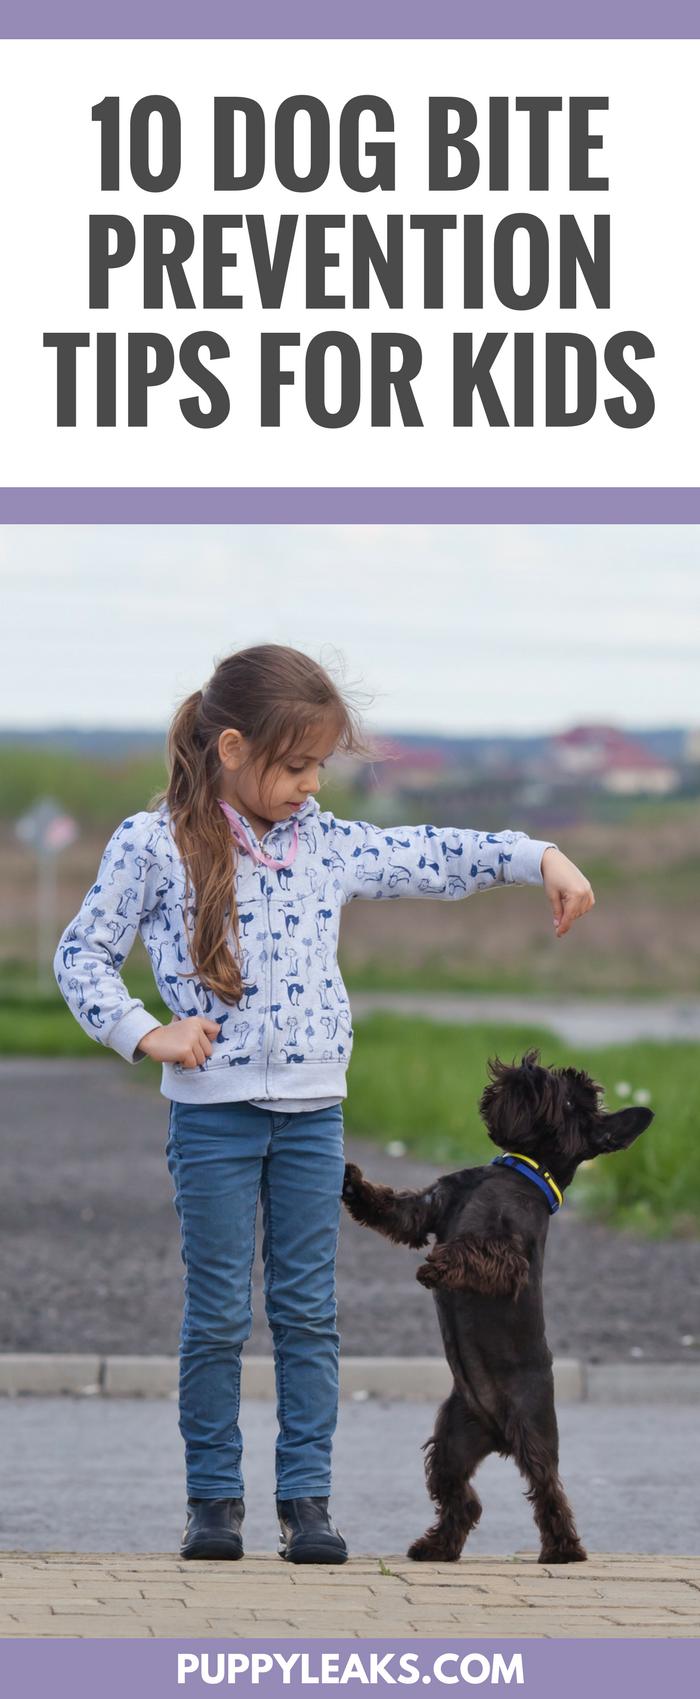 10 Dog Bite Prevention Tips for Kids